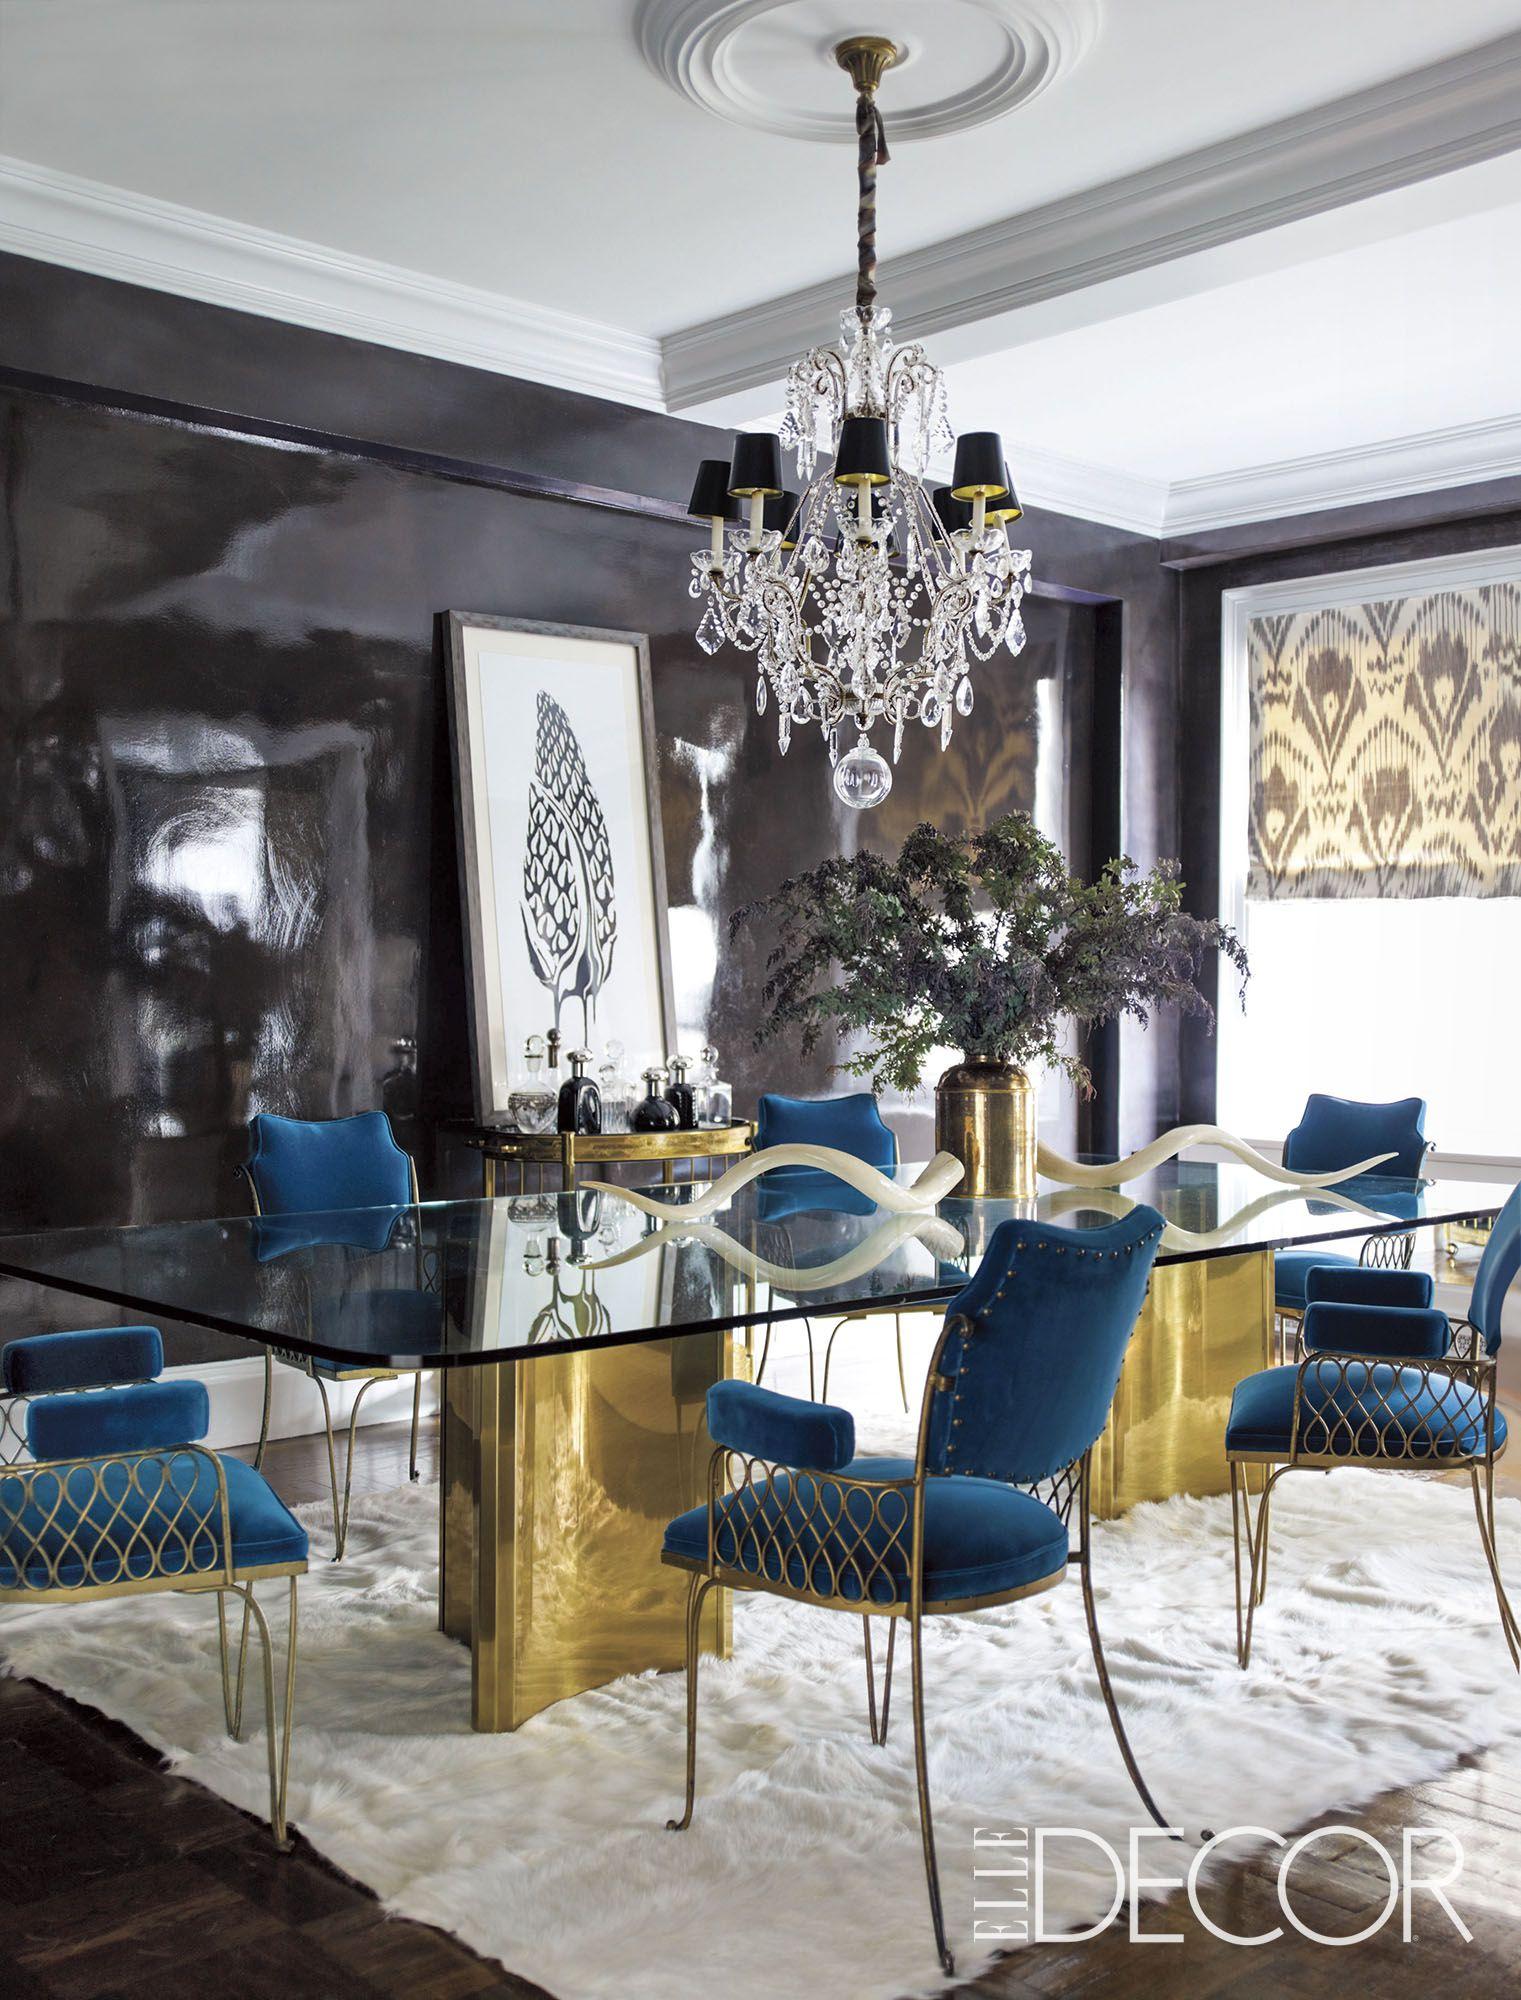 26 best dining room light fixtures - chandelier & pendant lighting